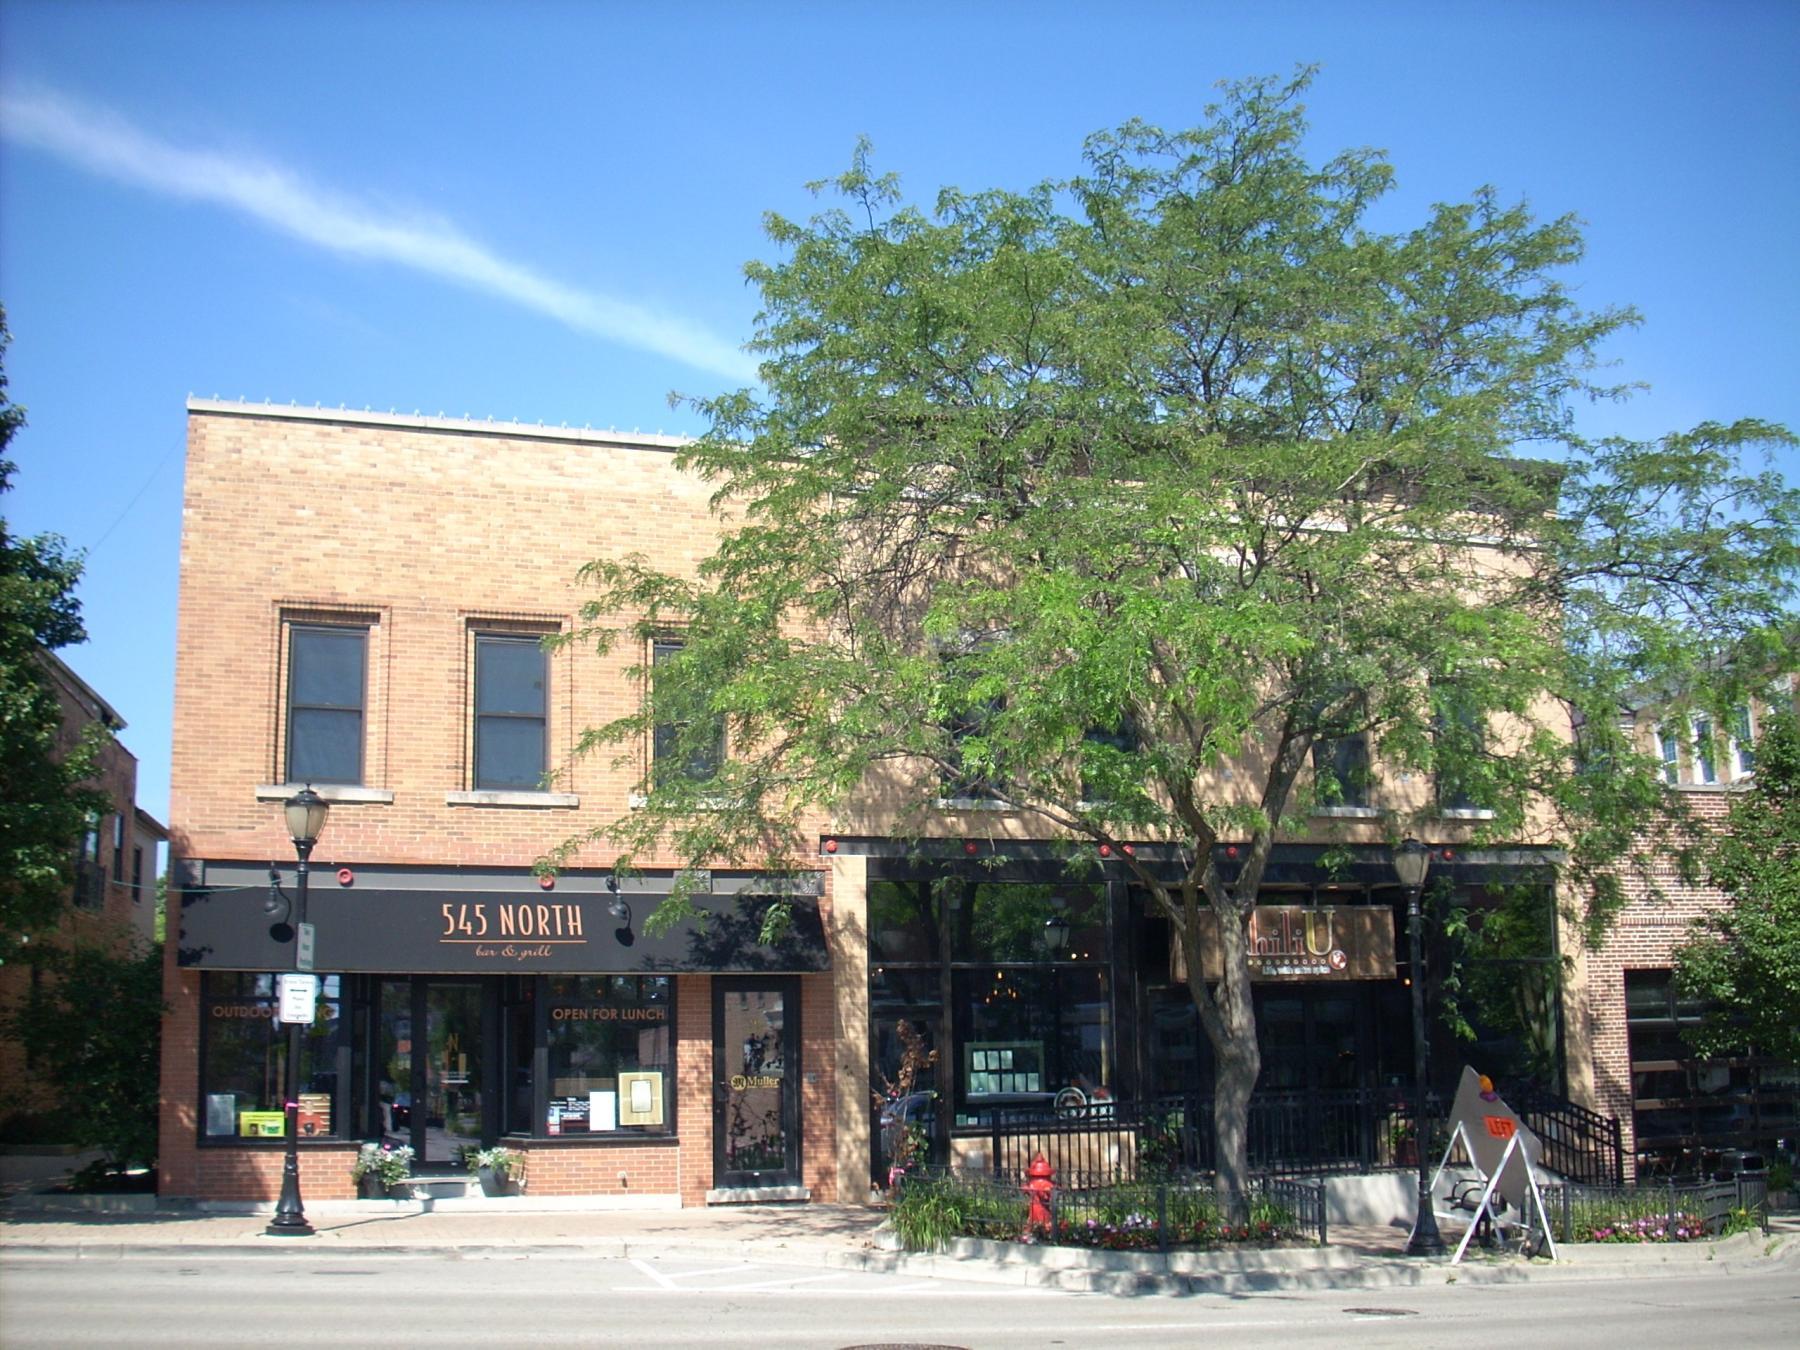 545 N. Milwaukee Avenue, 2016